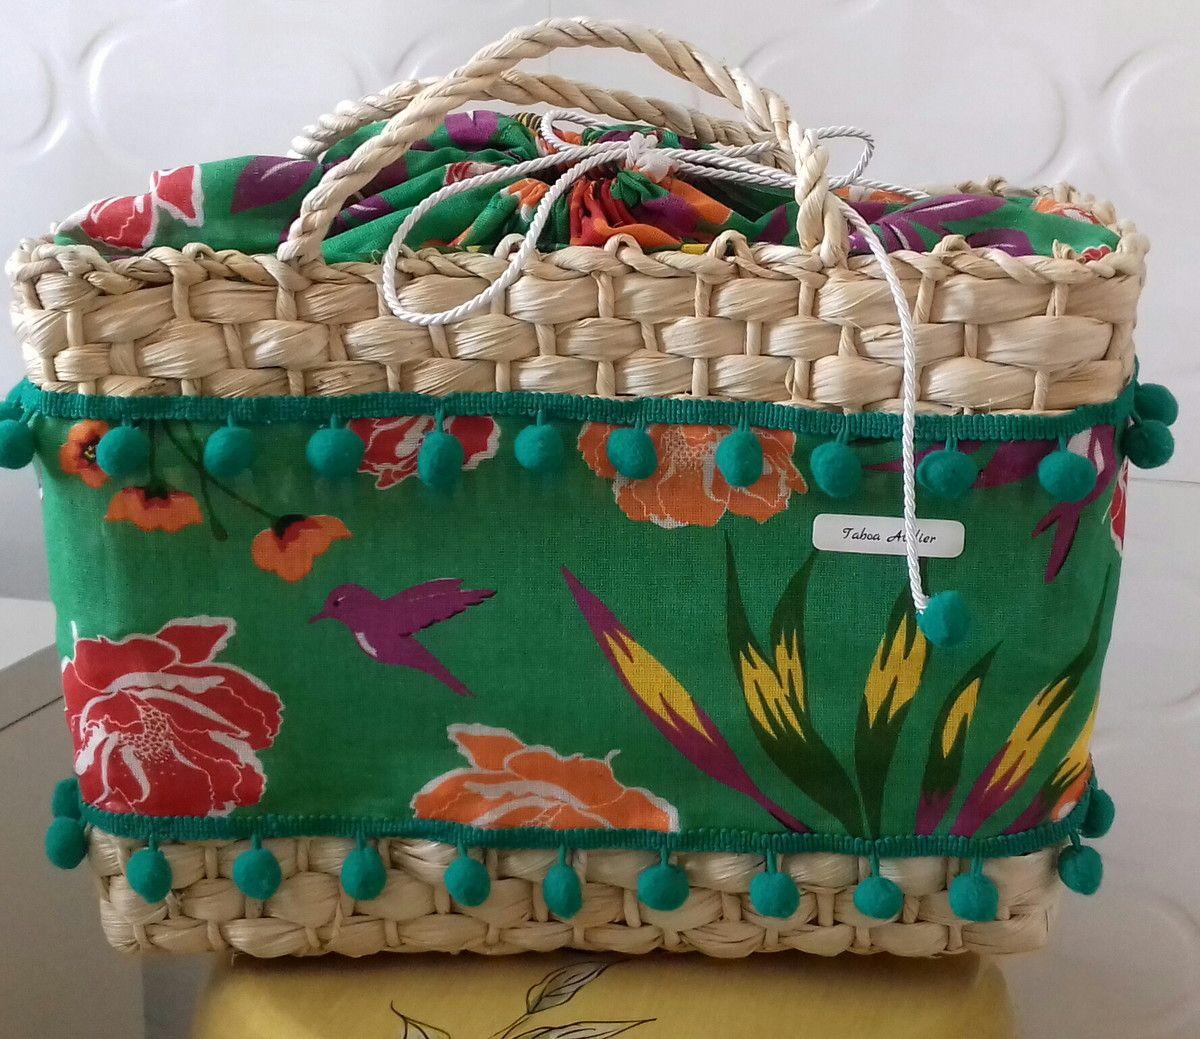 7764f8e32 Bolsa em Palha de Milho Media de Praia Bolsa ideal pra praia e compras.  Totalmente artesanal feita em palha de Milho. Alça de Mão Modelo com forro  e sem ...